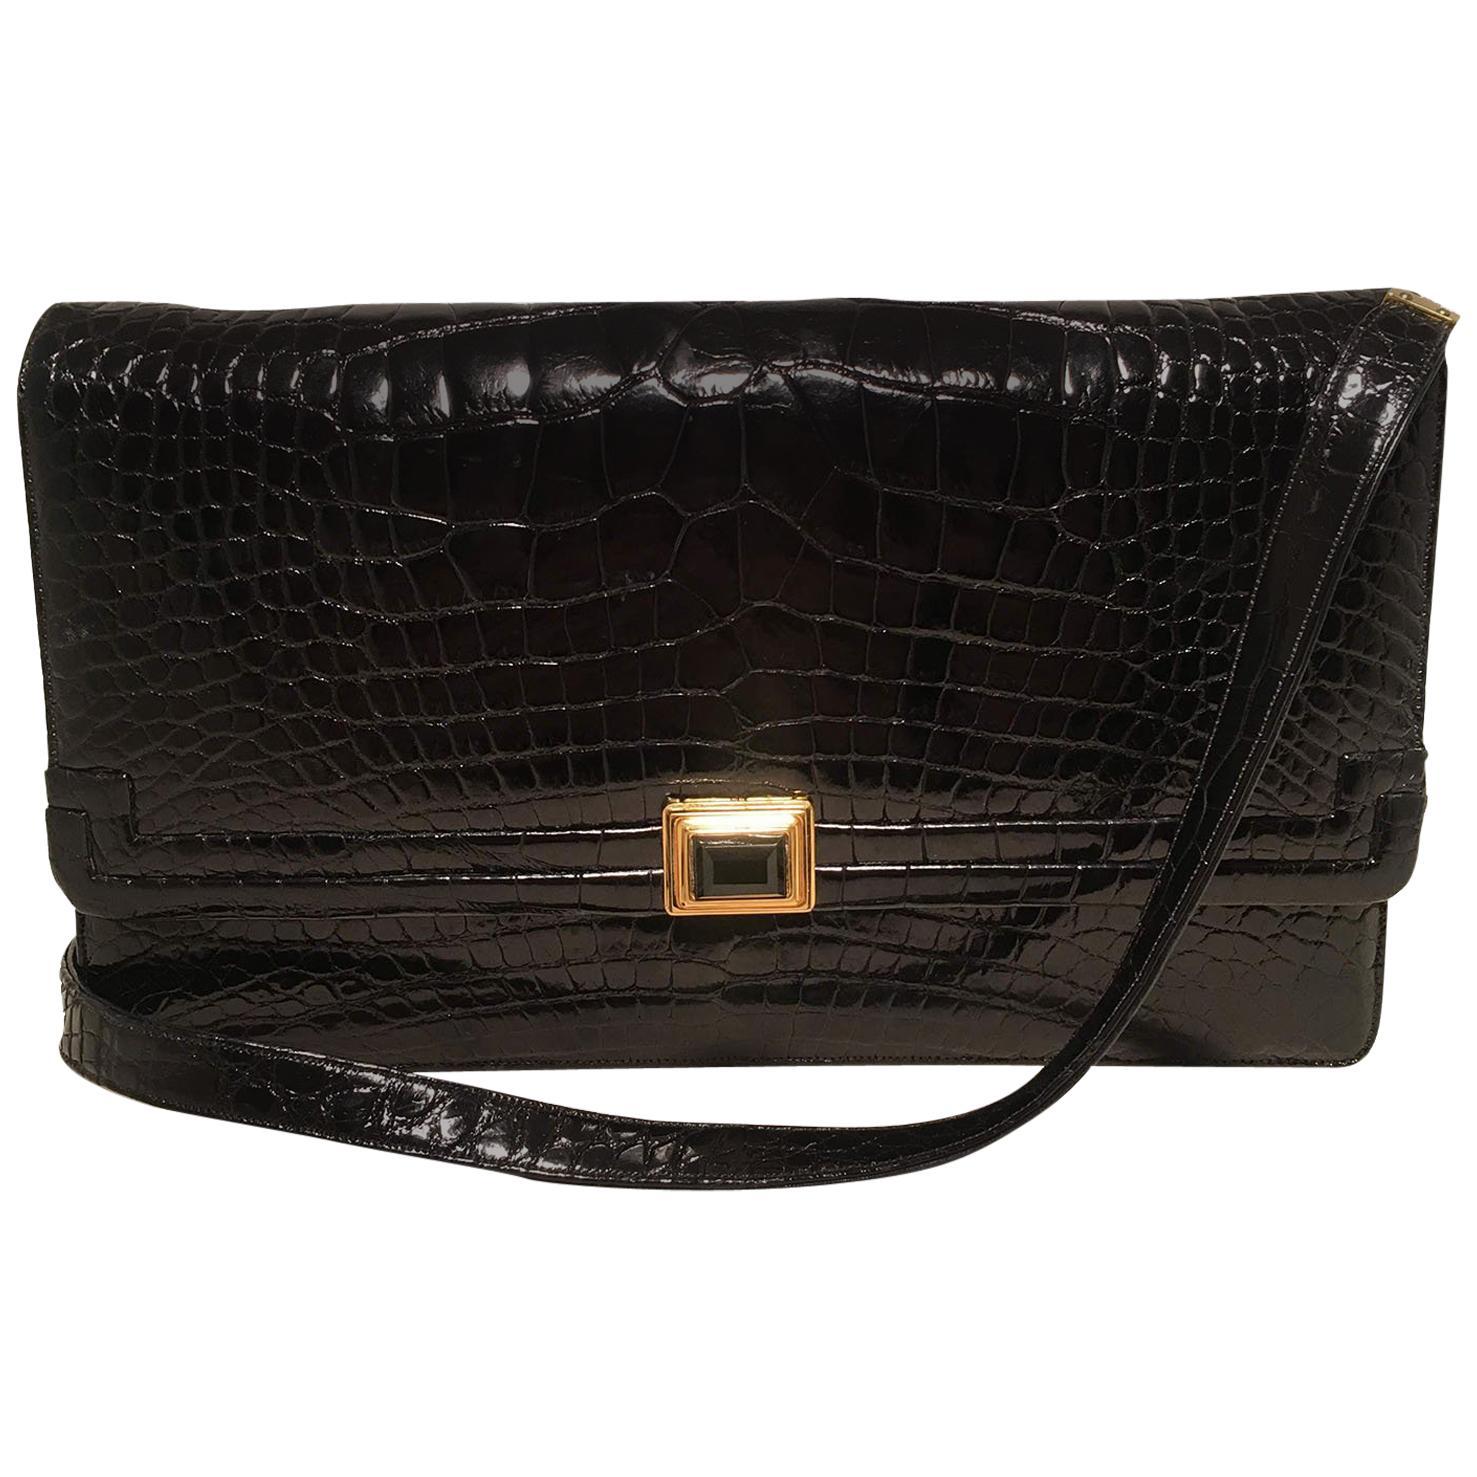 Judith Leiber Vintage Black Alligator Shoulder Bag Clutch